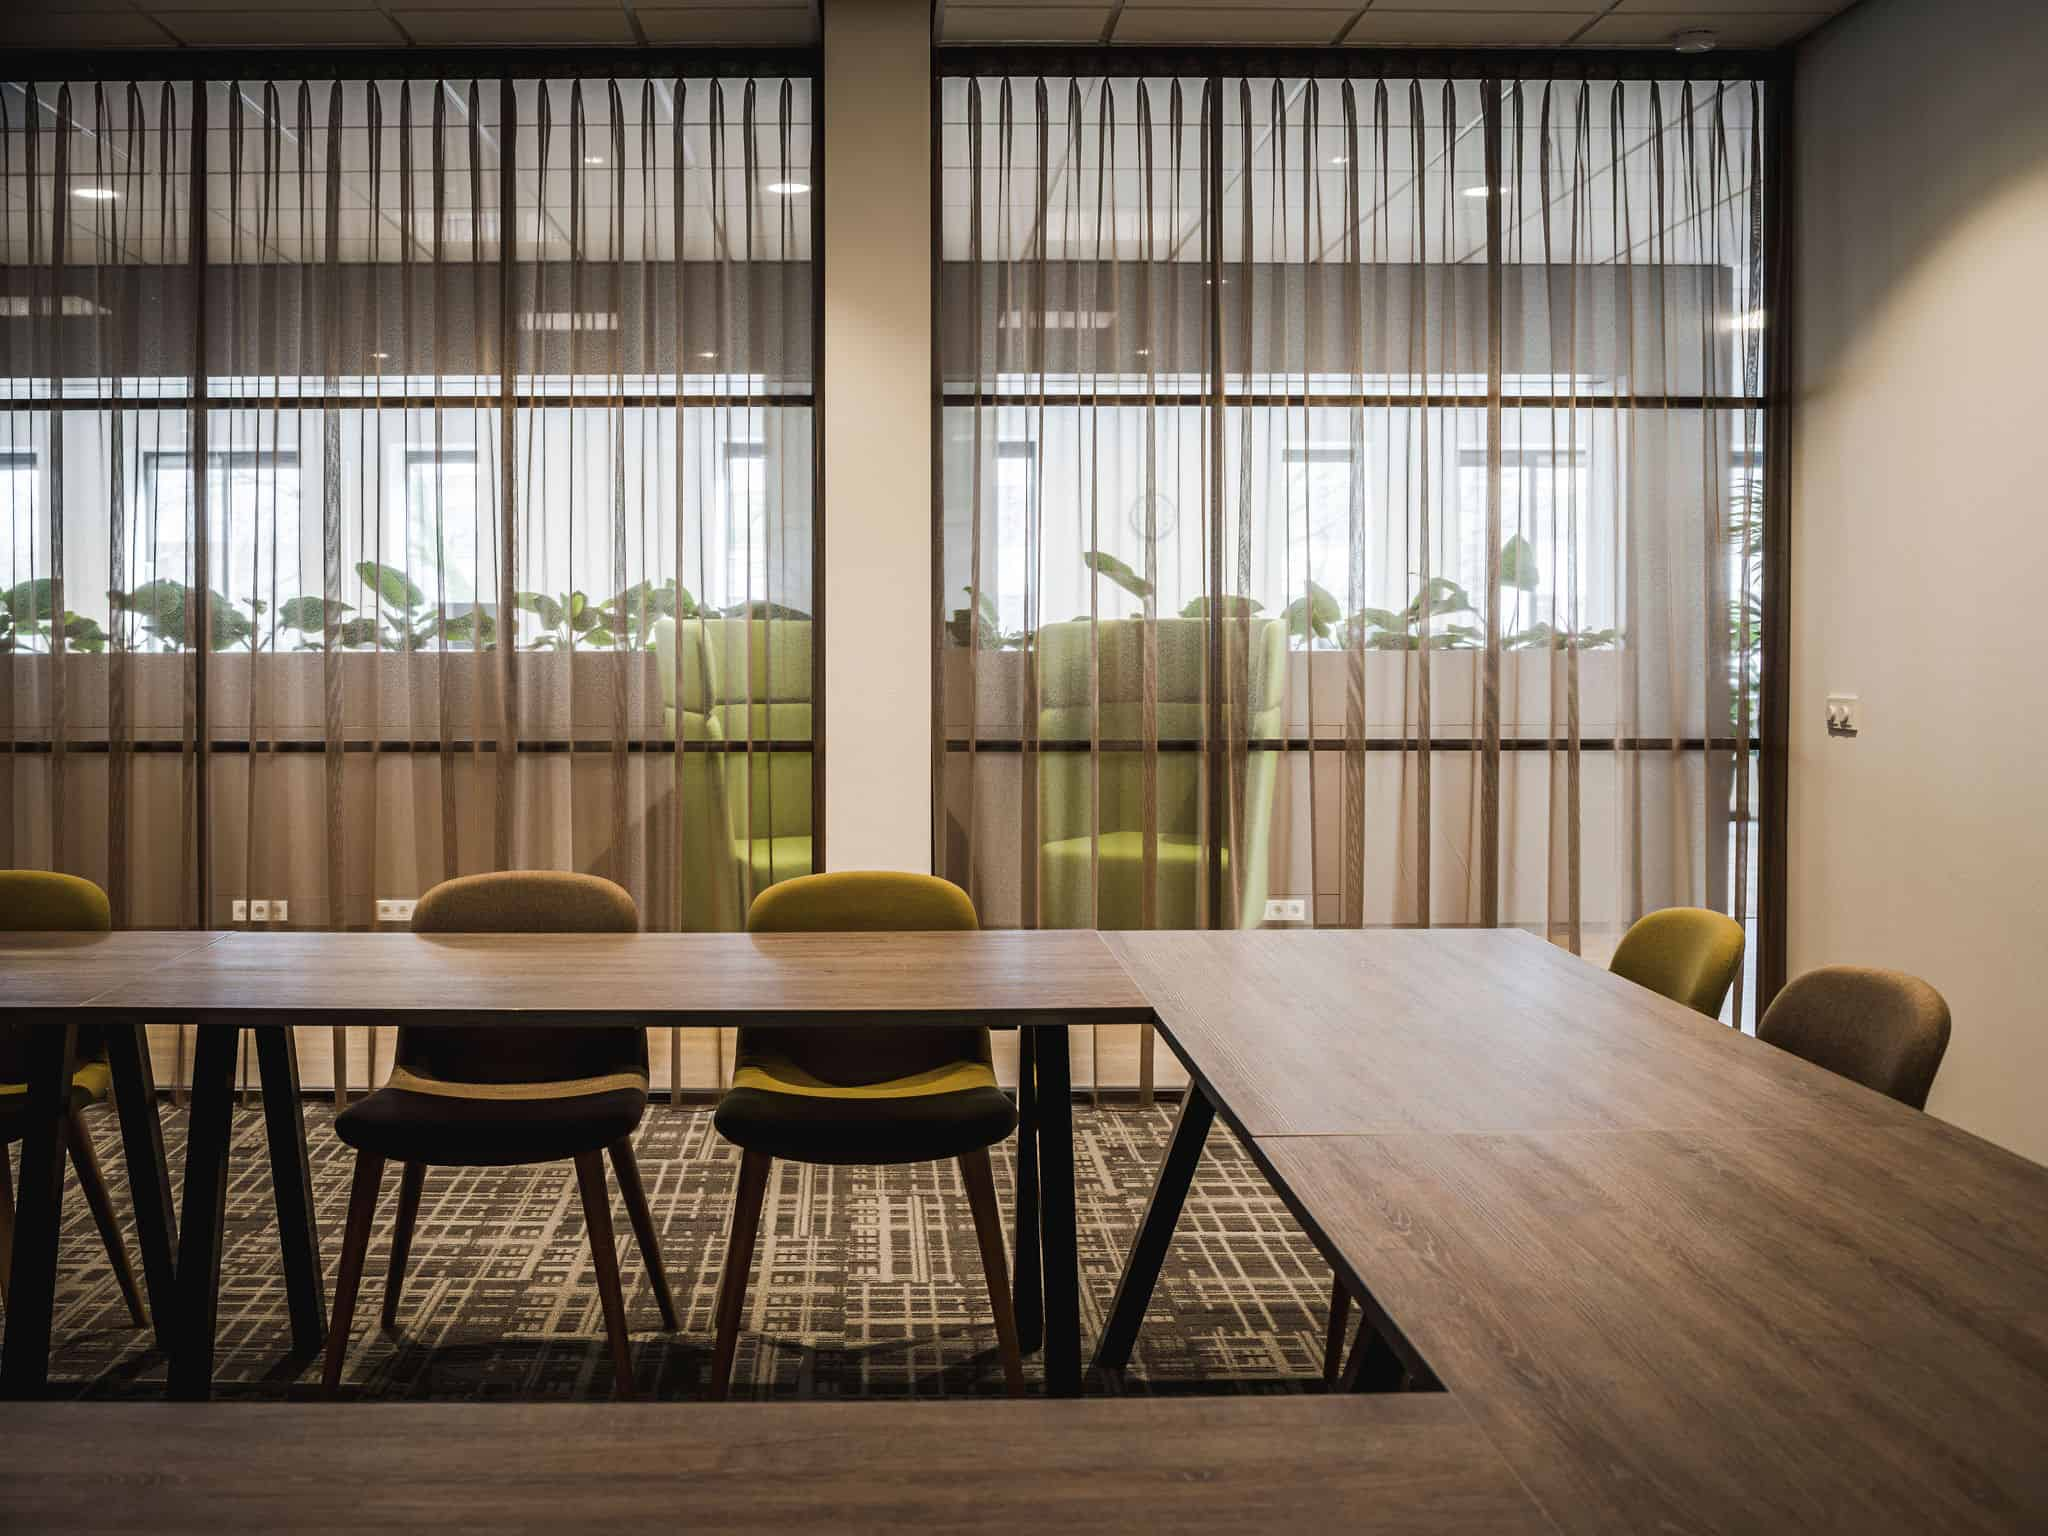 binnenhuisarchitect Wildenberg ontwerp kantoor COKZ vergaderruimte Forbo Planeffect Meinema